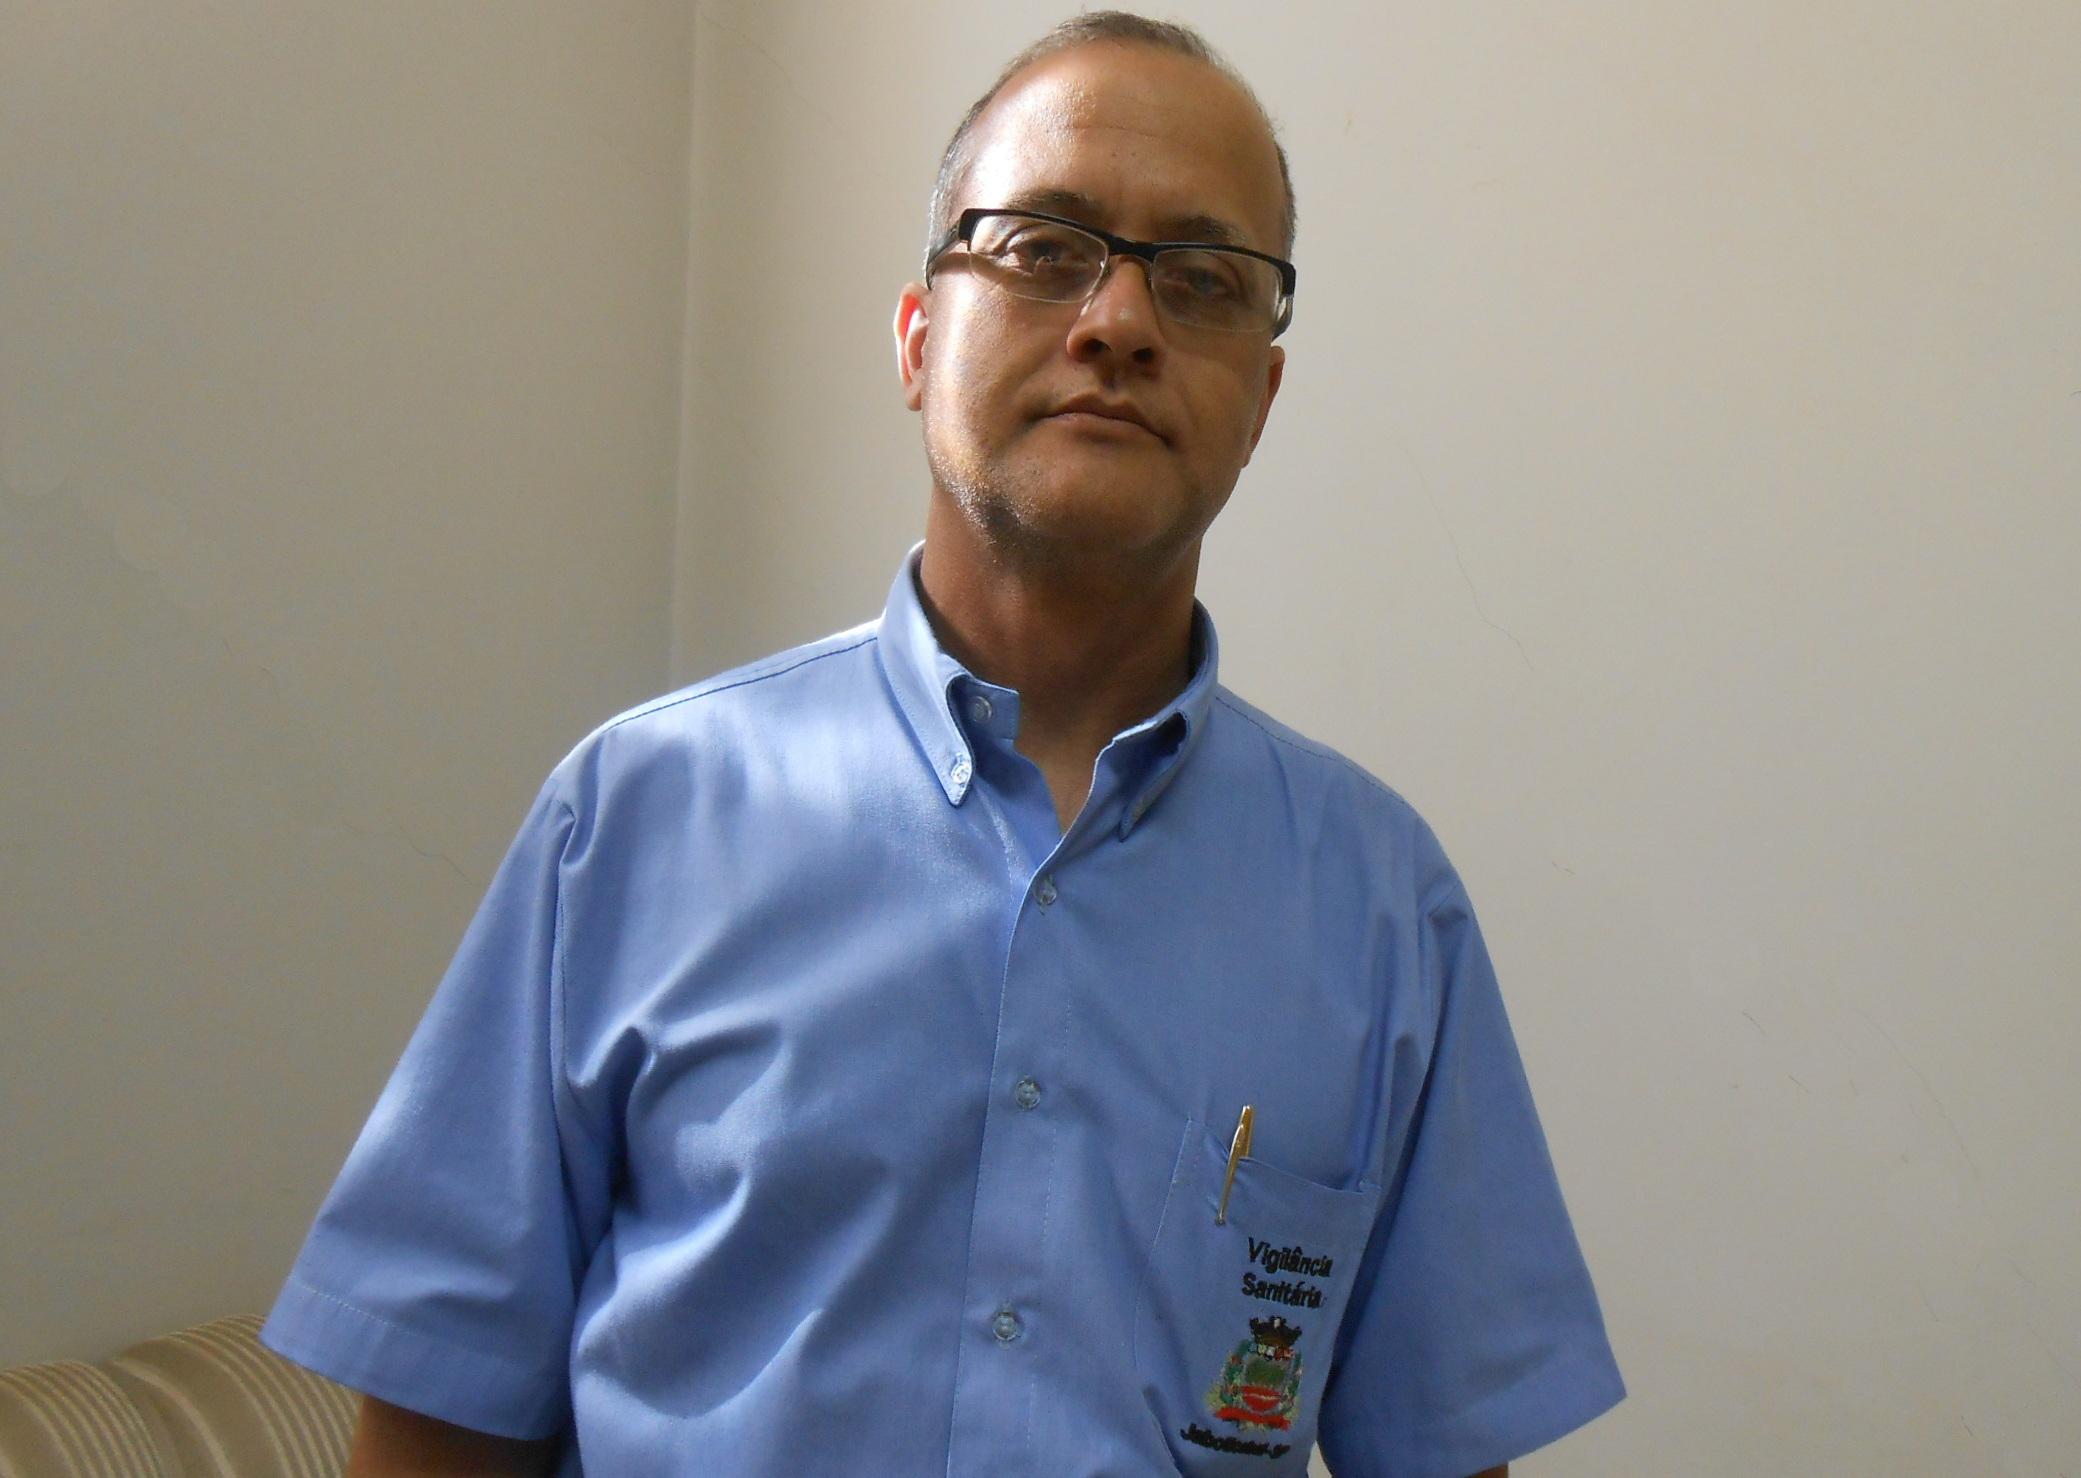 Fernando Arrobas Martins, coordenador da Vigilância Sanitária de Jaboticabal (Foto: Fábio Penariol/Jornal 101)